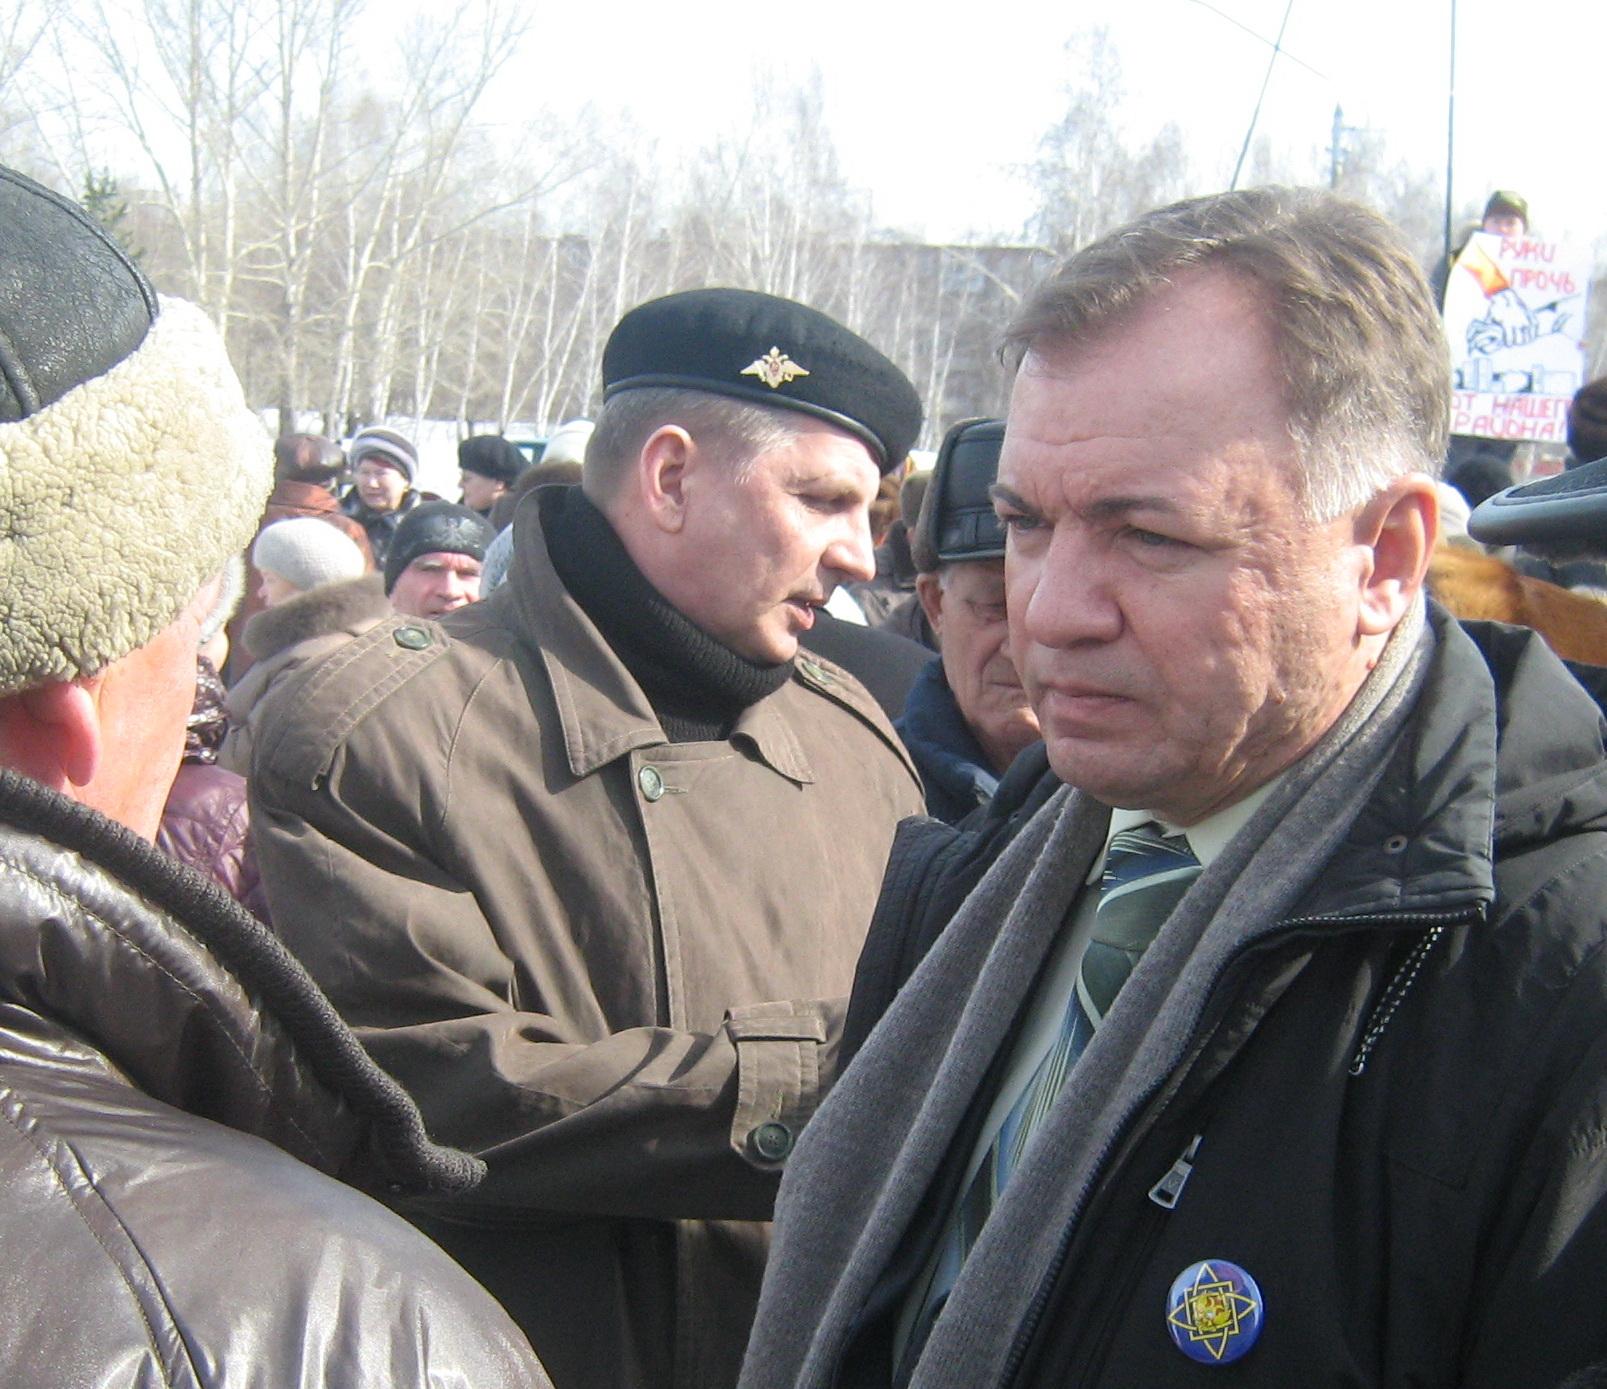 http://images.vfl.ru/ii/1410427950/743ac3cc/6296618.jpg